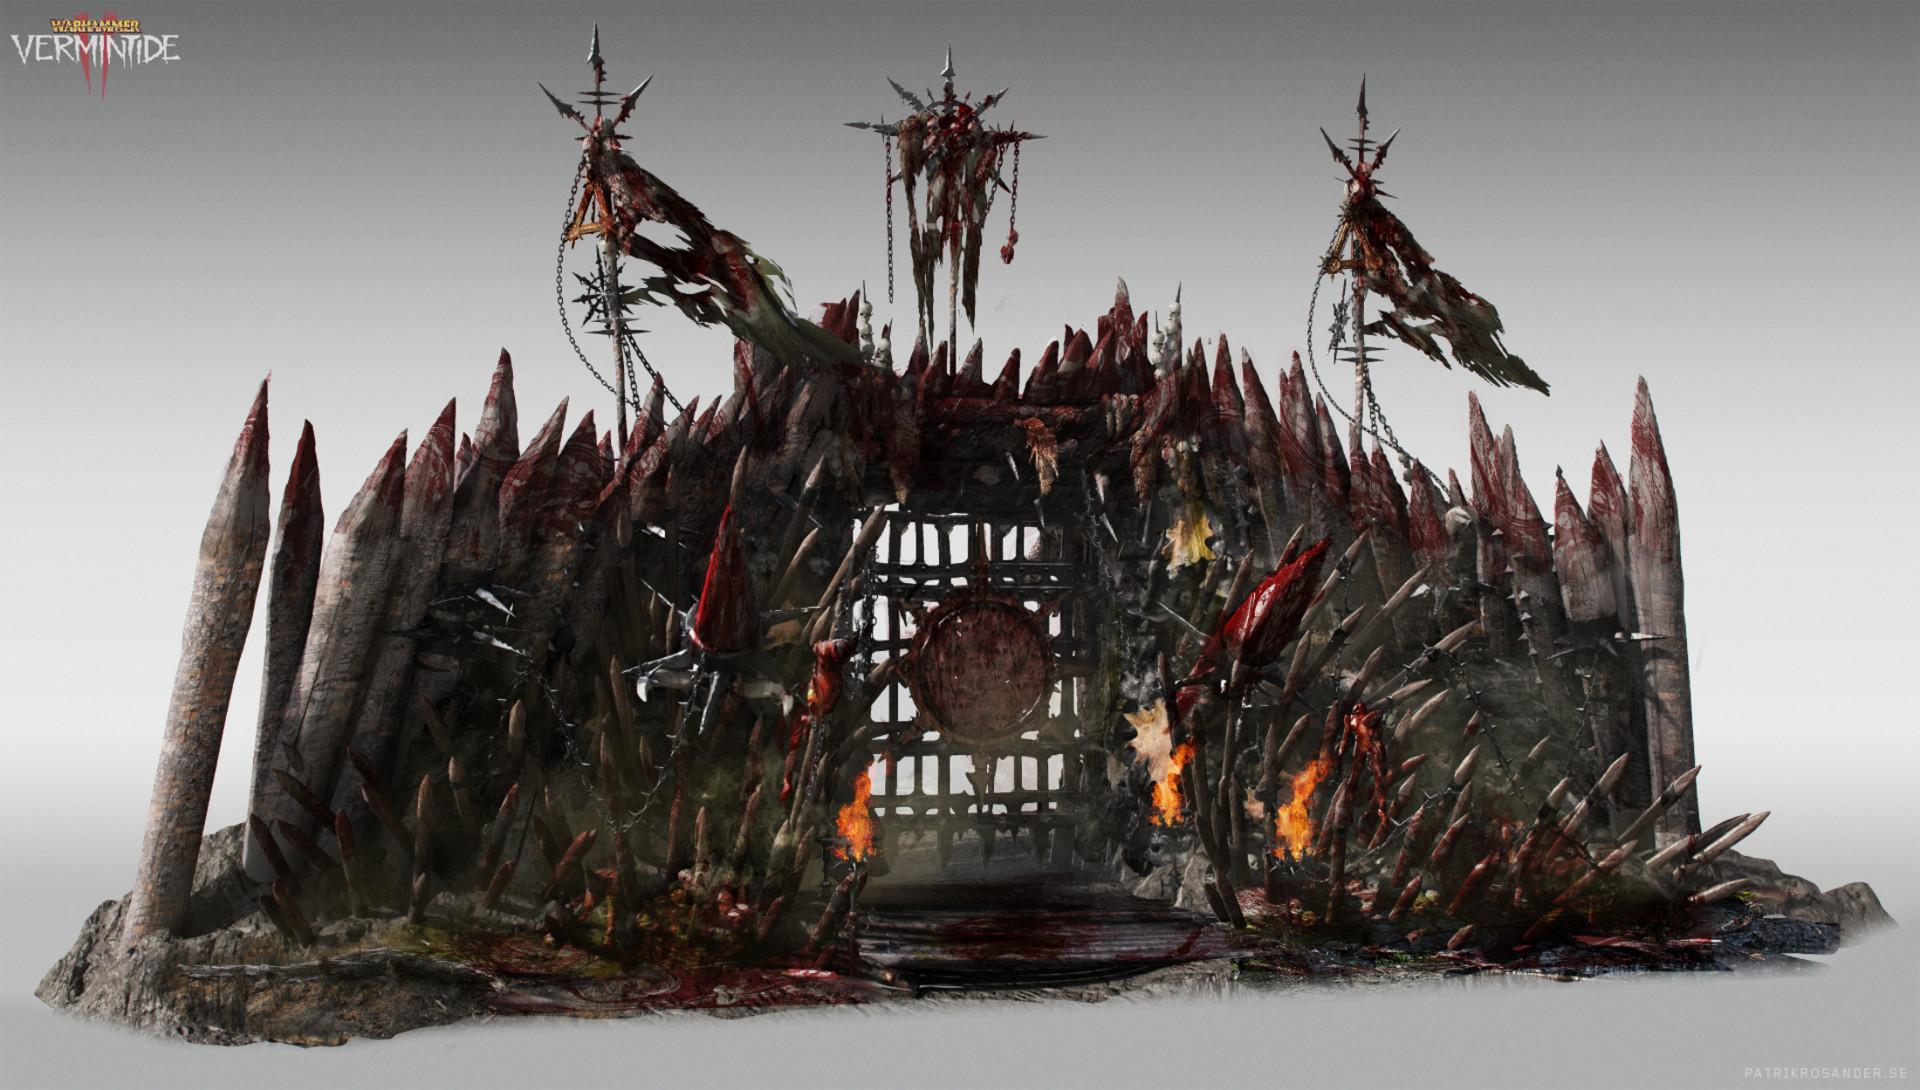 Patrik Rosander Concept Artist Warhammer Vermintide 2